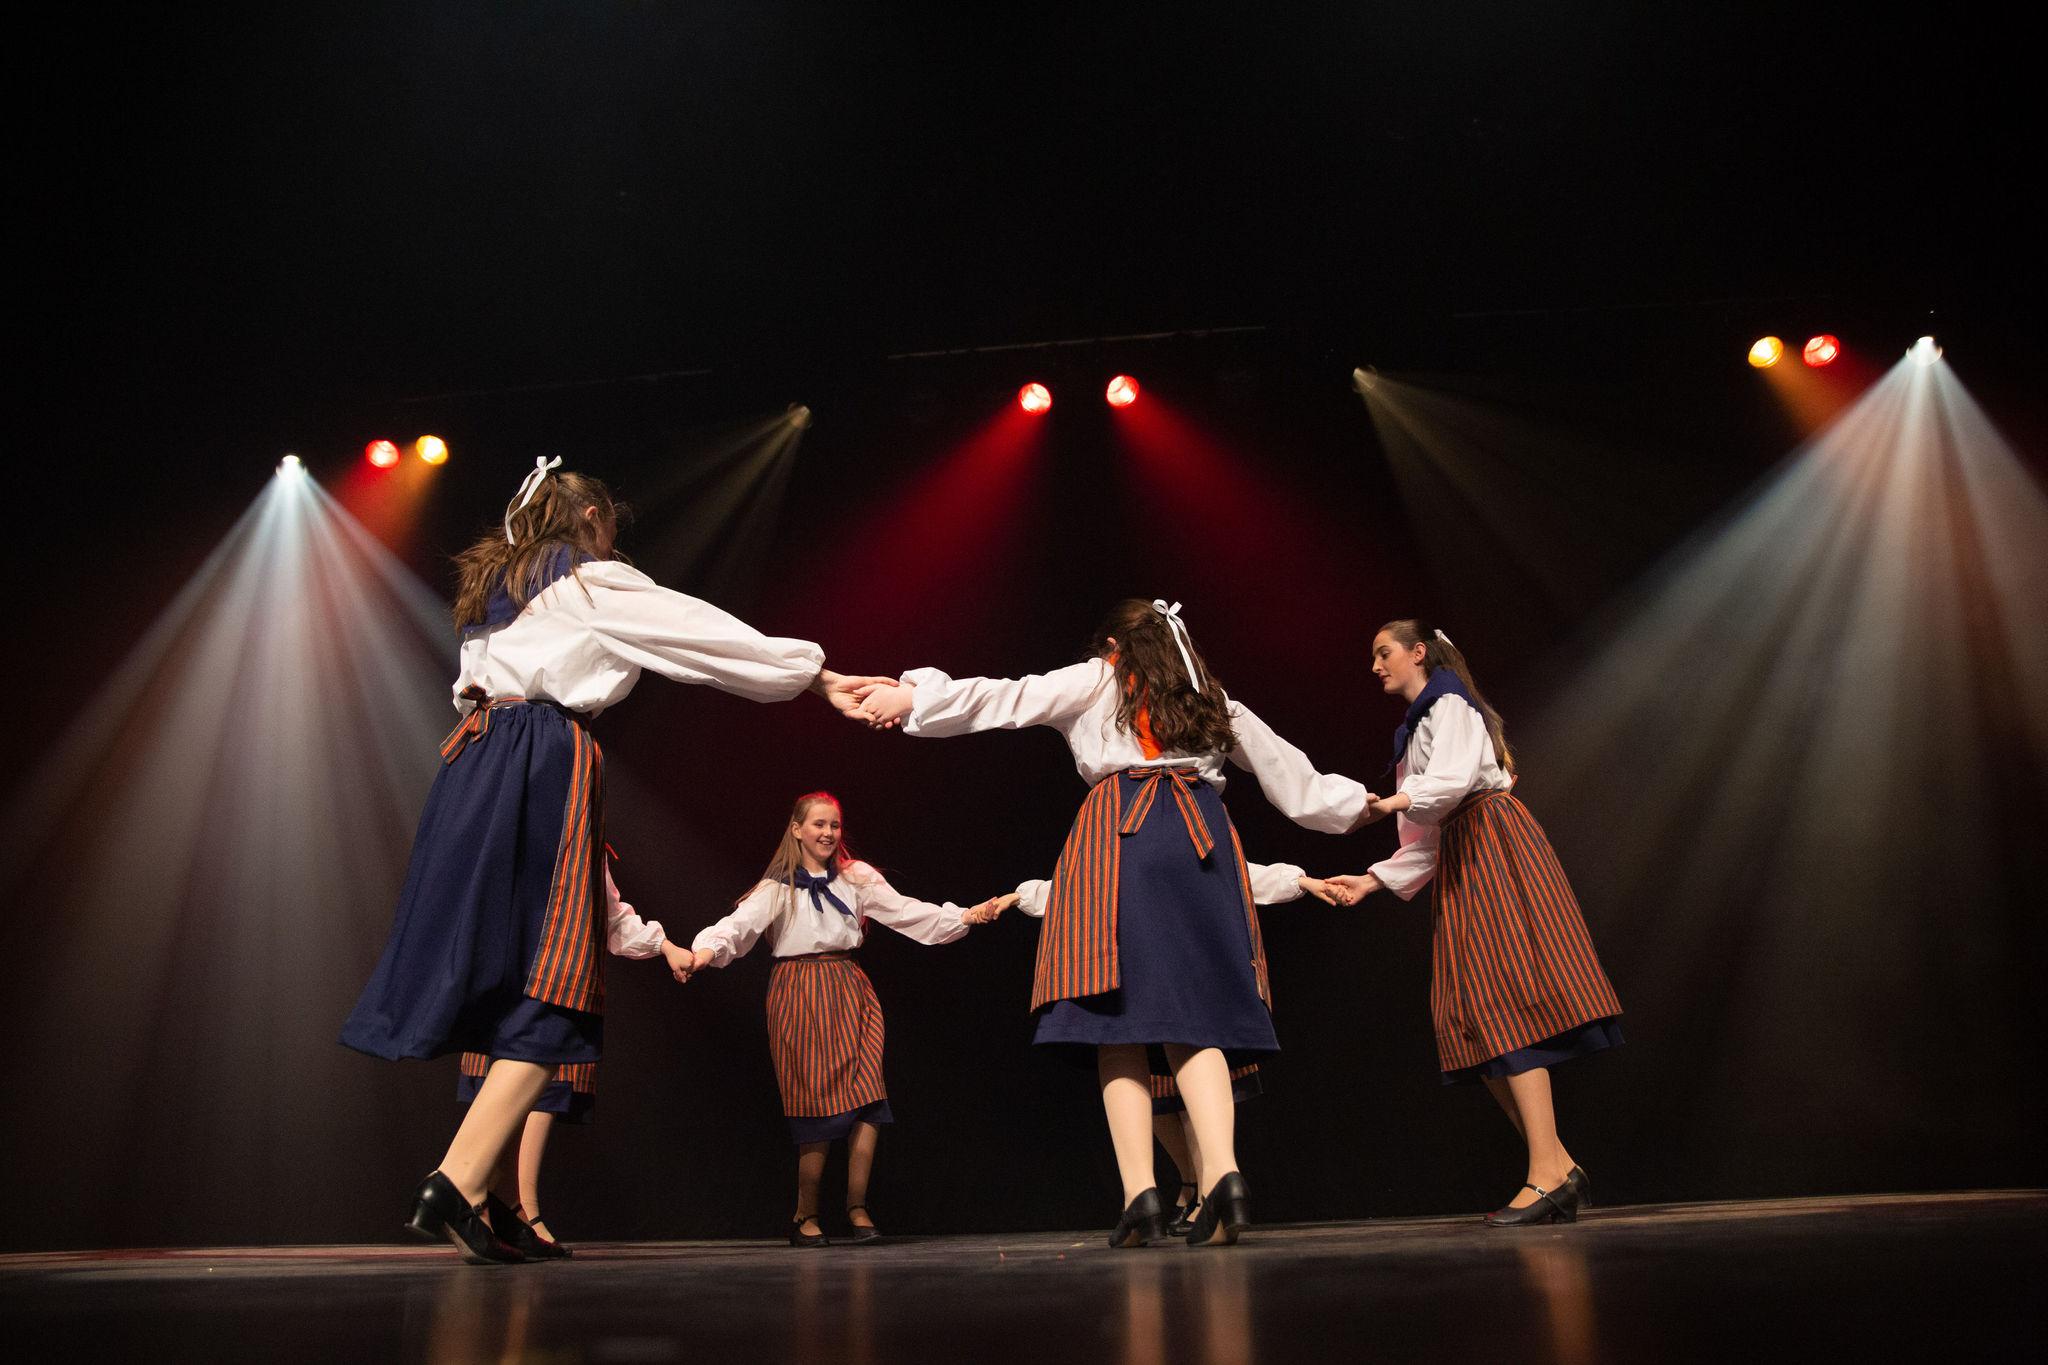 Manigance école de danse groupe Sénior